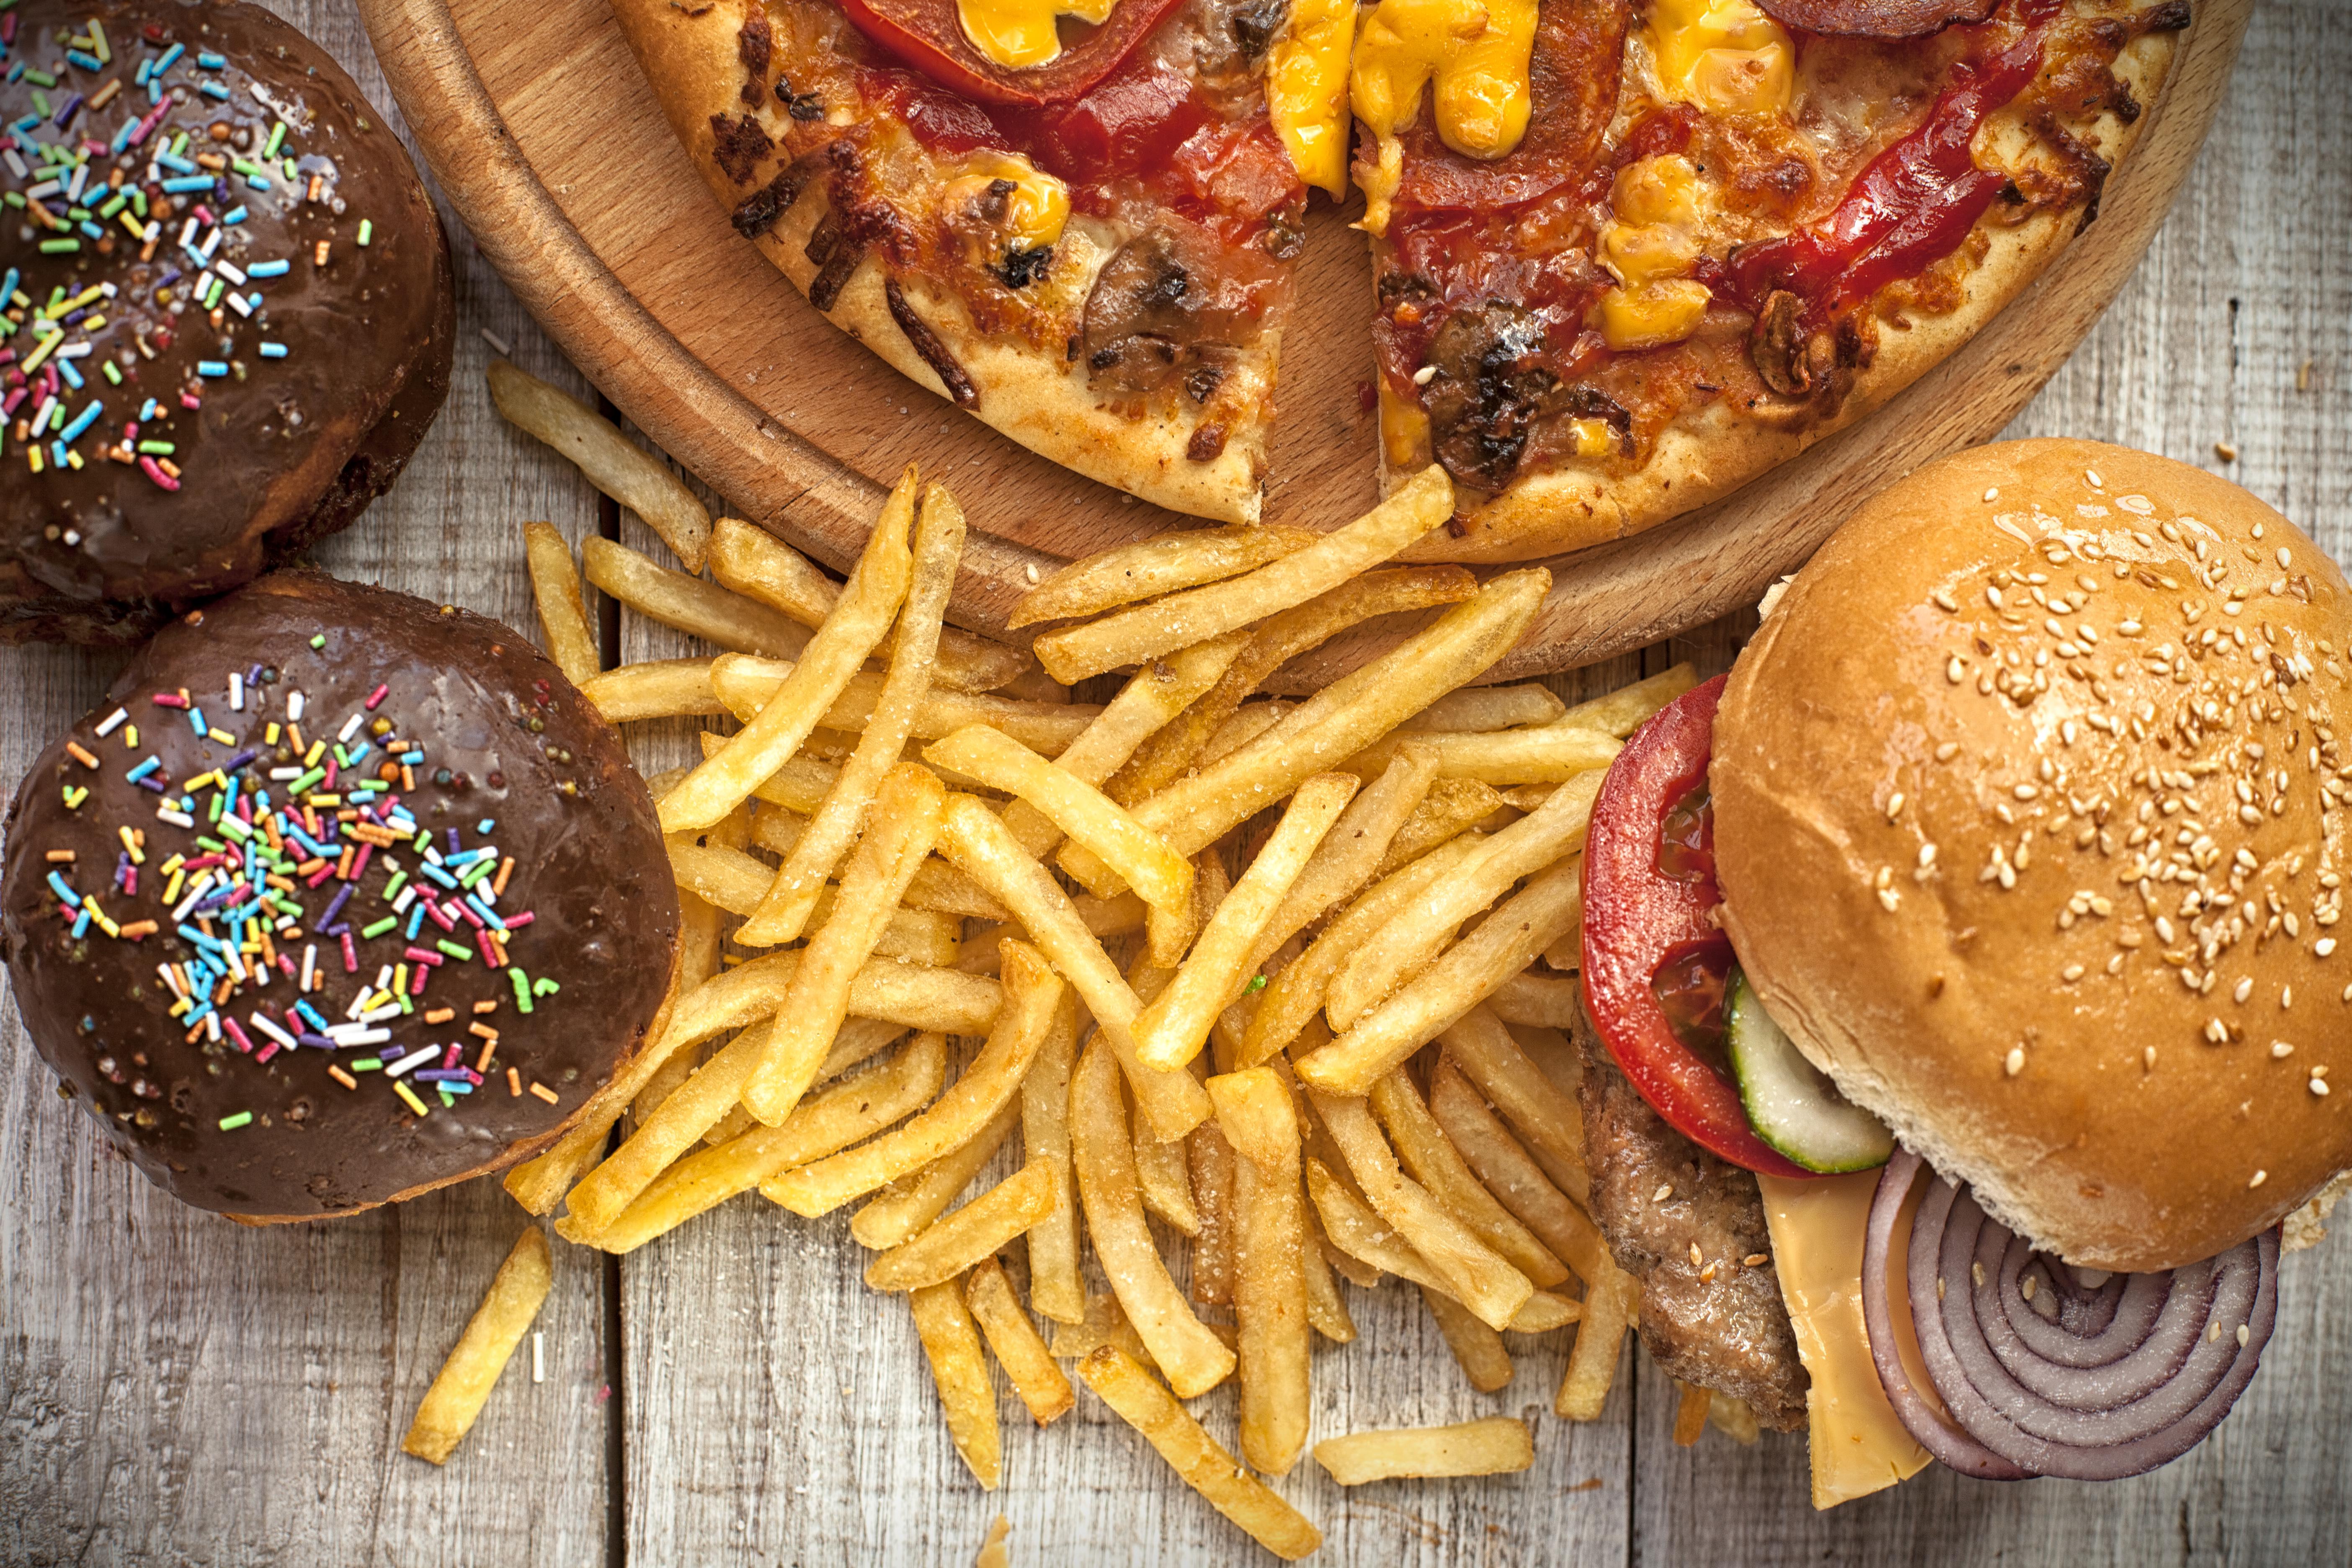 <p>Пържени и бързи храни Пържените и бързите храни също могат да източат енергията ви. Това е така, защото те обикновено са с високо съдържание на мазнини и ниско съдържание на фибри, два фактора, които могат да забавят храносмилането ви.</p>